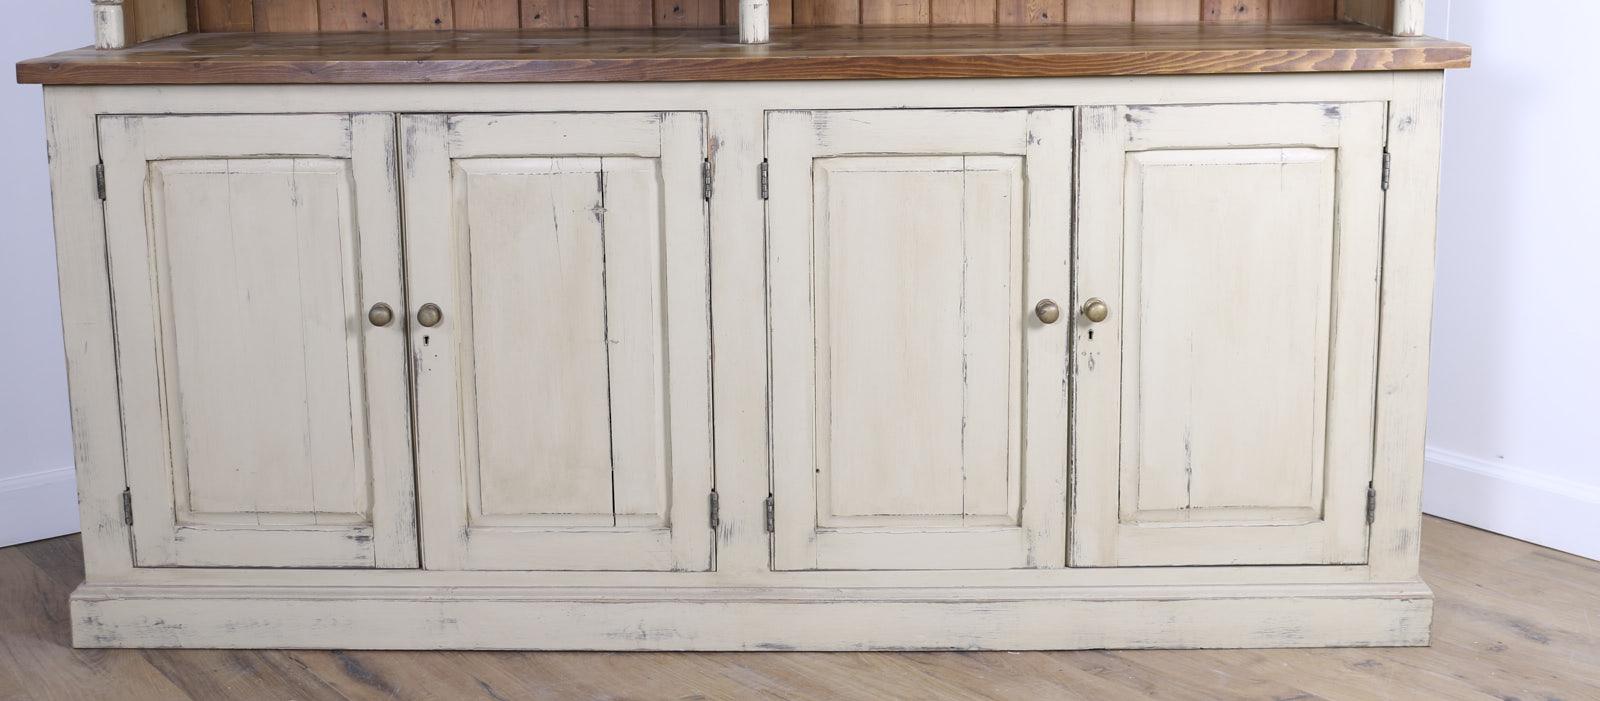 Original cream dresser with open shelves